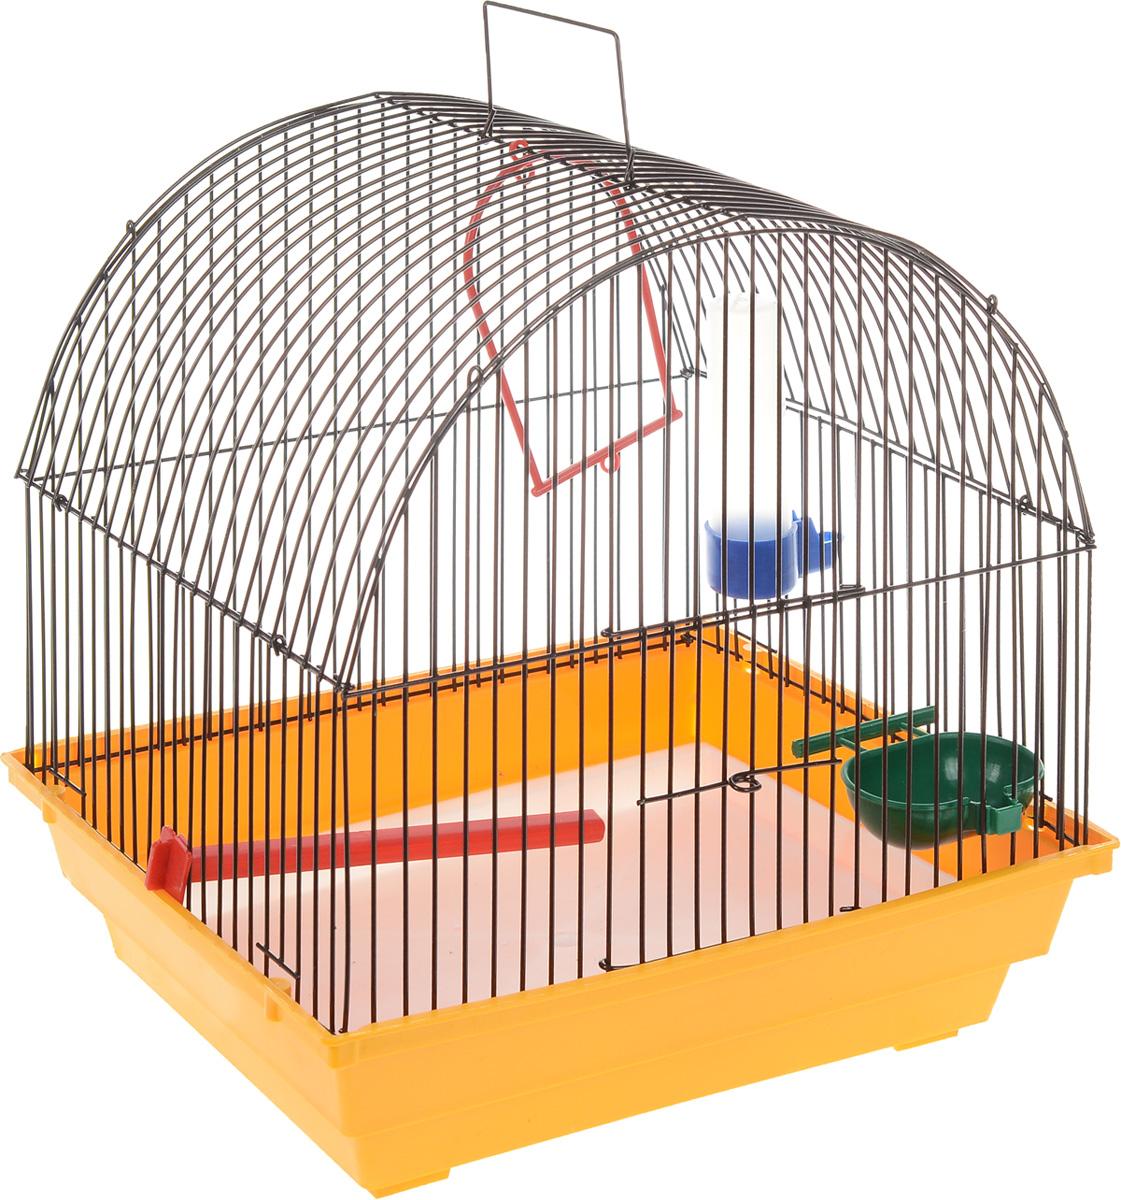 Клетка для птиц ЗооМарк, цвет: желтый поддон, черная решетка, 35 х 28 х 34 смK-T1-1Клетка ЗооМарк, выполненная из полипропилена и металла с эмалированным покрытием, предназначена для мелких птиц.Изделие состоит из большого поддона и решетки. Клетка снабжена металлической дверцей. В основании клетки находится малый поддон. Клетка удобна в использовании и легко чистится.Комплектация:- клетка с поддоном,- малый поддон,- поилка,- кормушка,- кольцо.